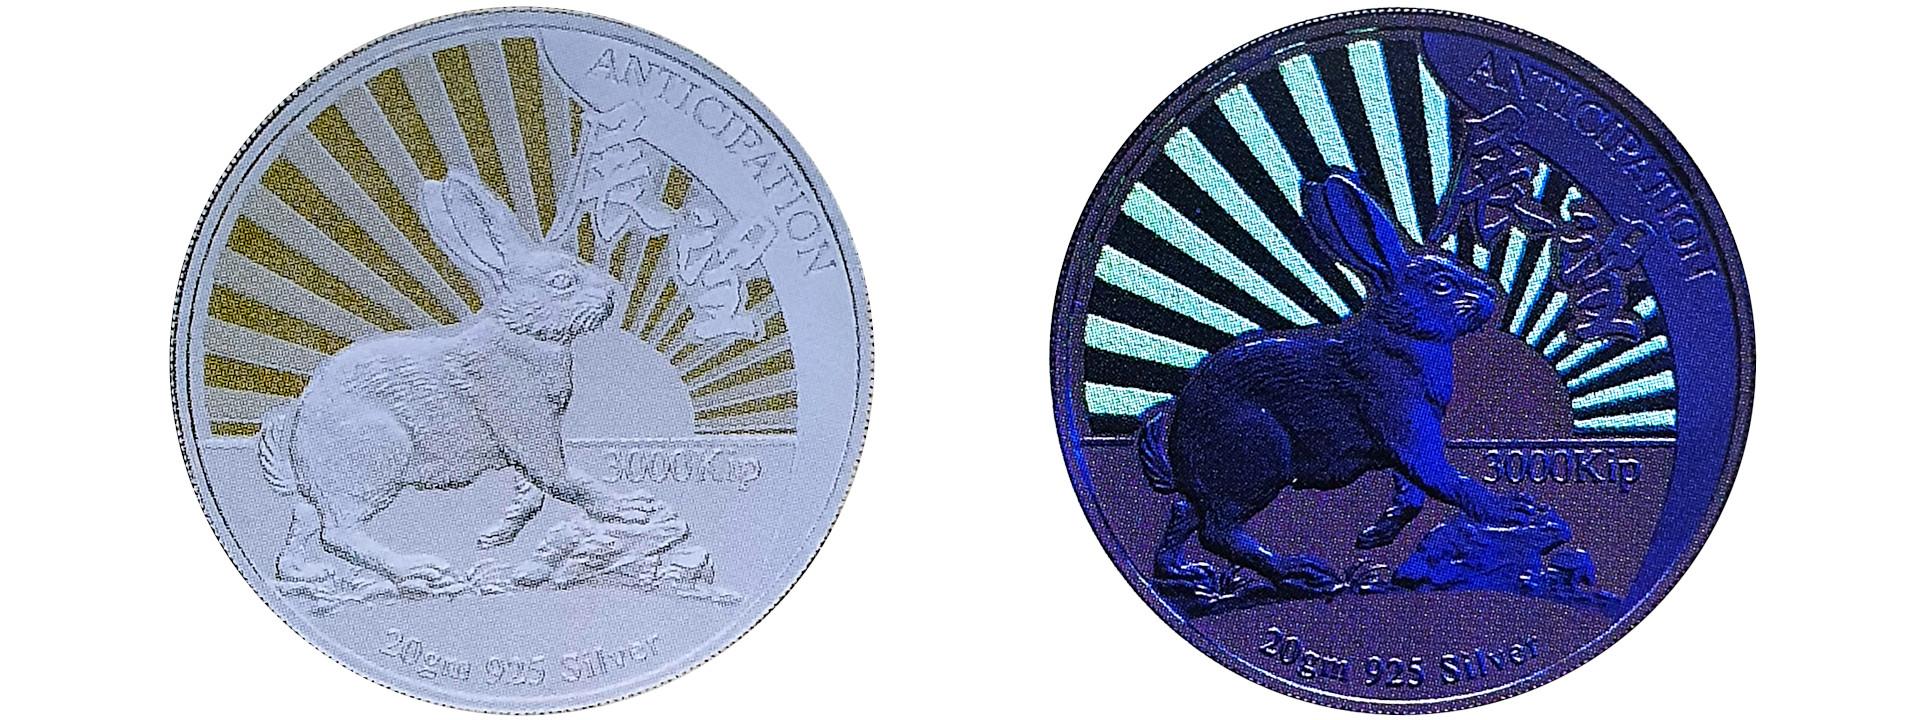 世界初となる暗闇で光る「1999年銘ラオス卯年」コイン